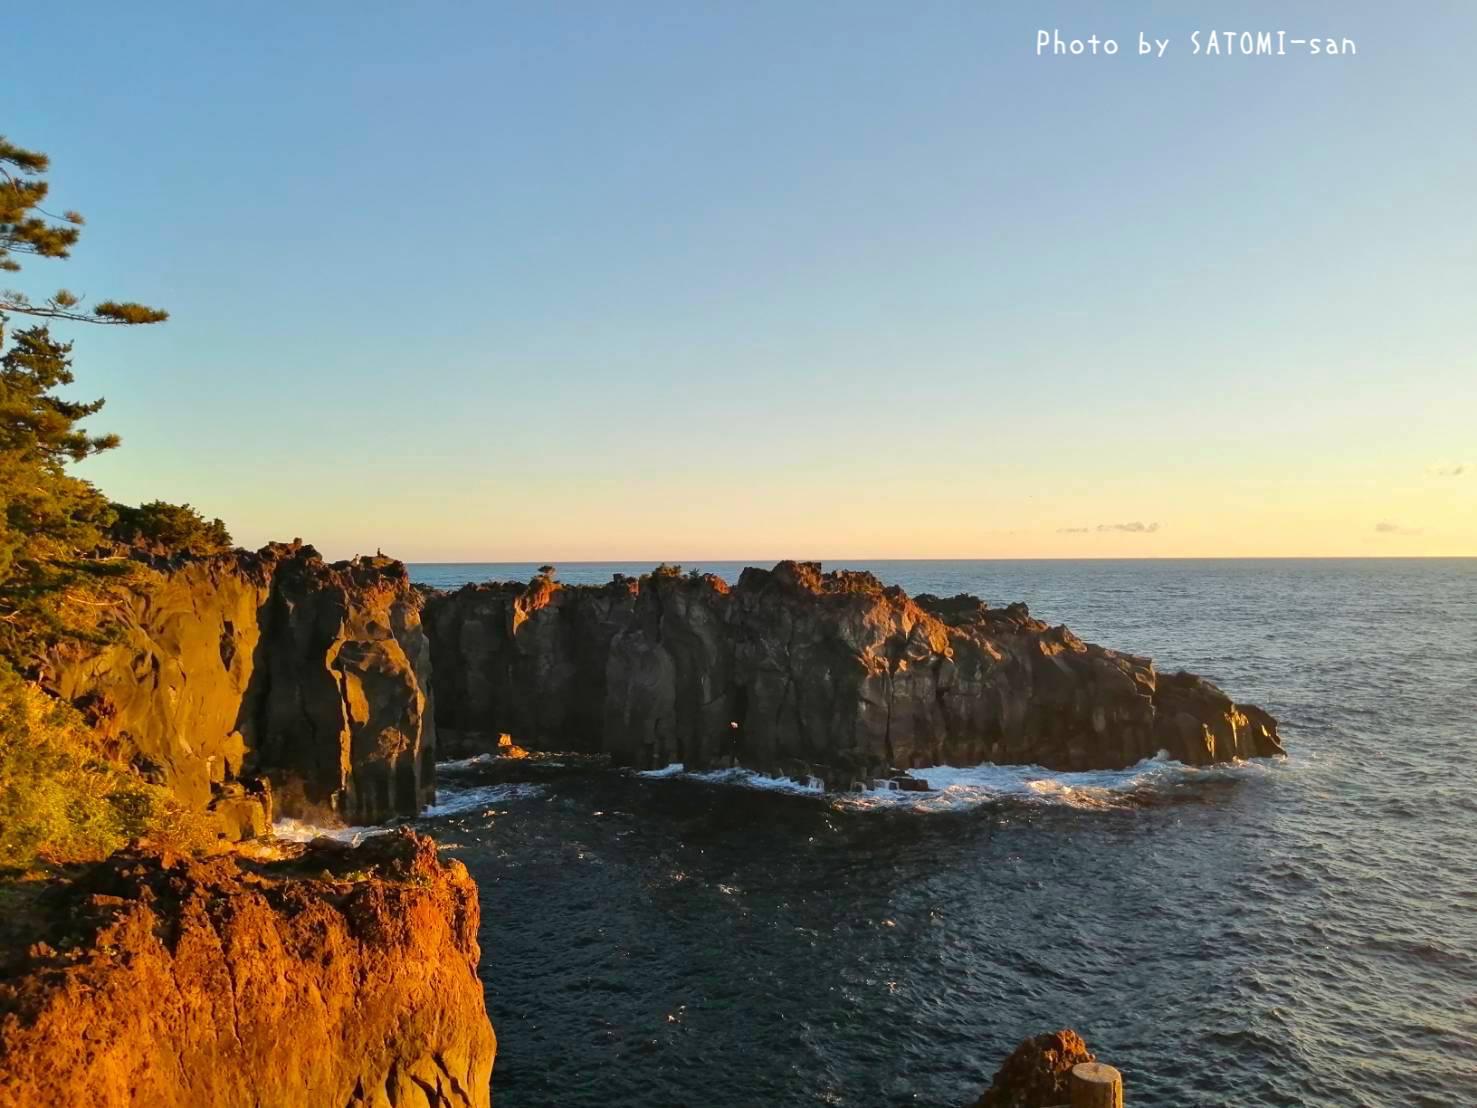 朝陽が溶岩海岸を照らしています。